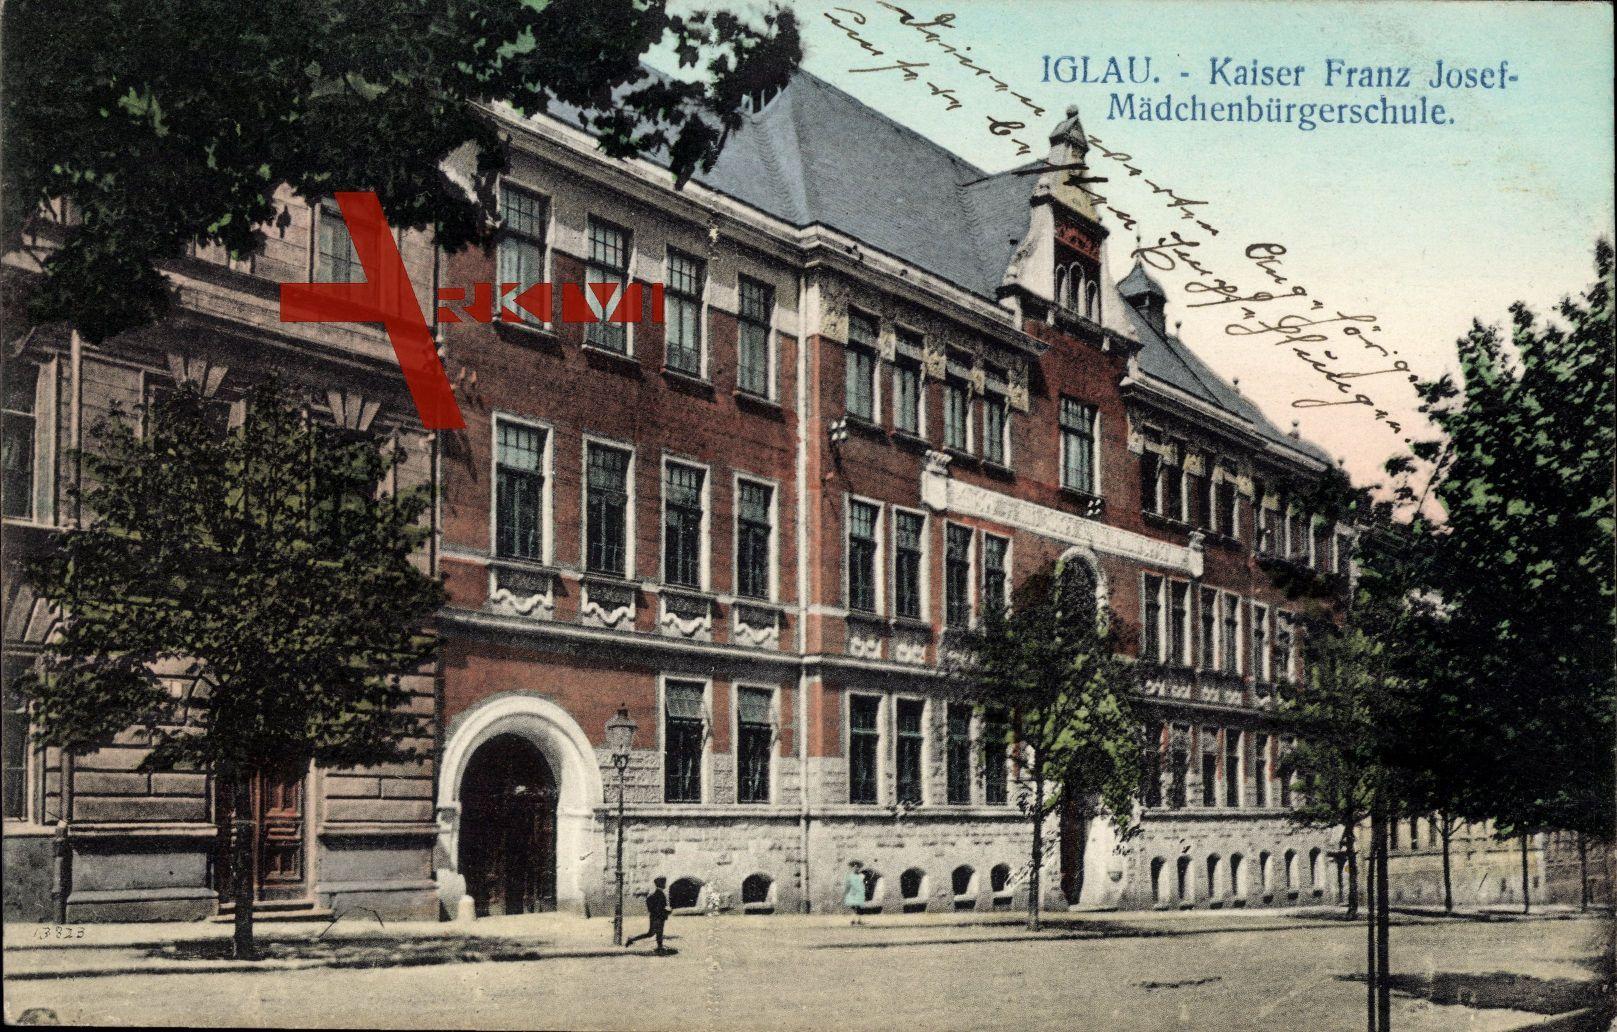 Jihlava Iglau Region Hochland, Kaiser Franz Josef Mädchenbürgerschule